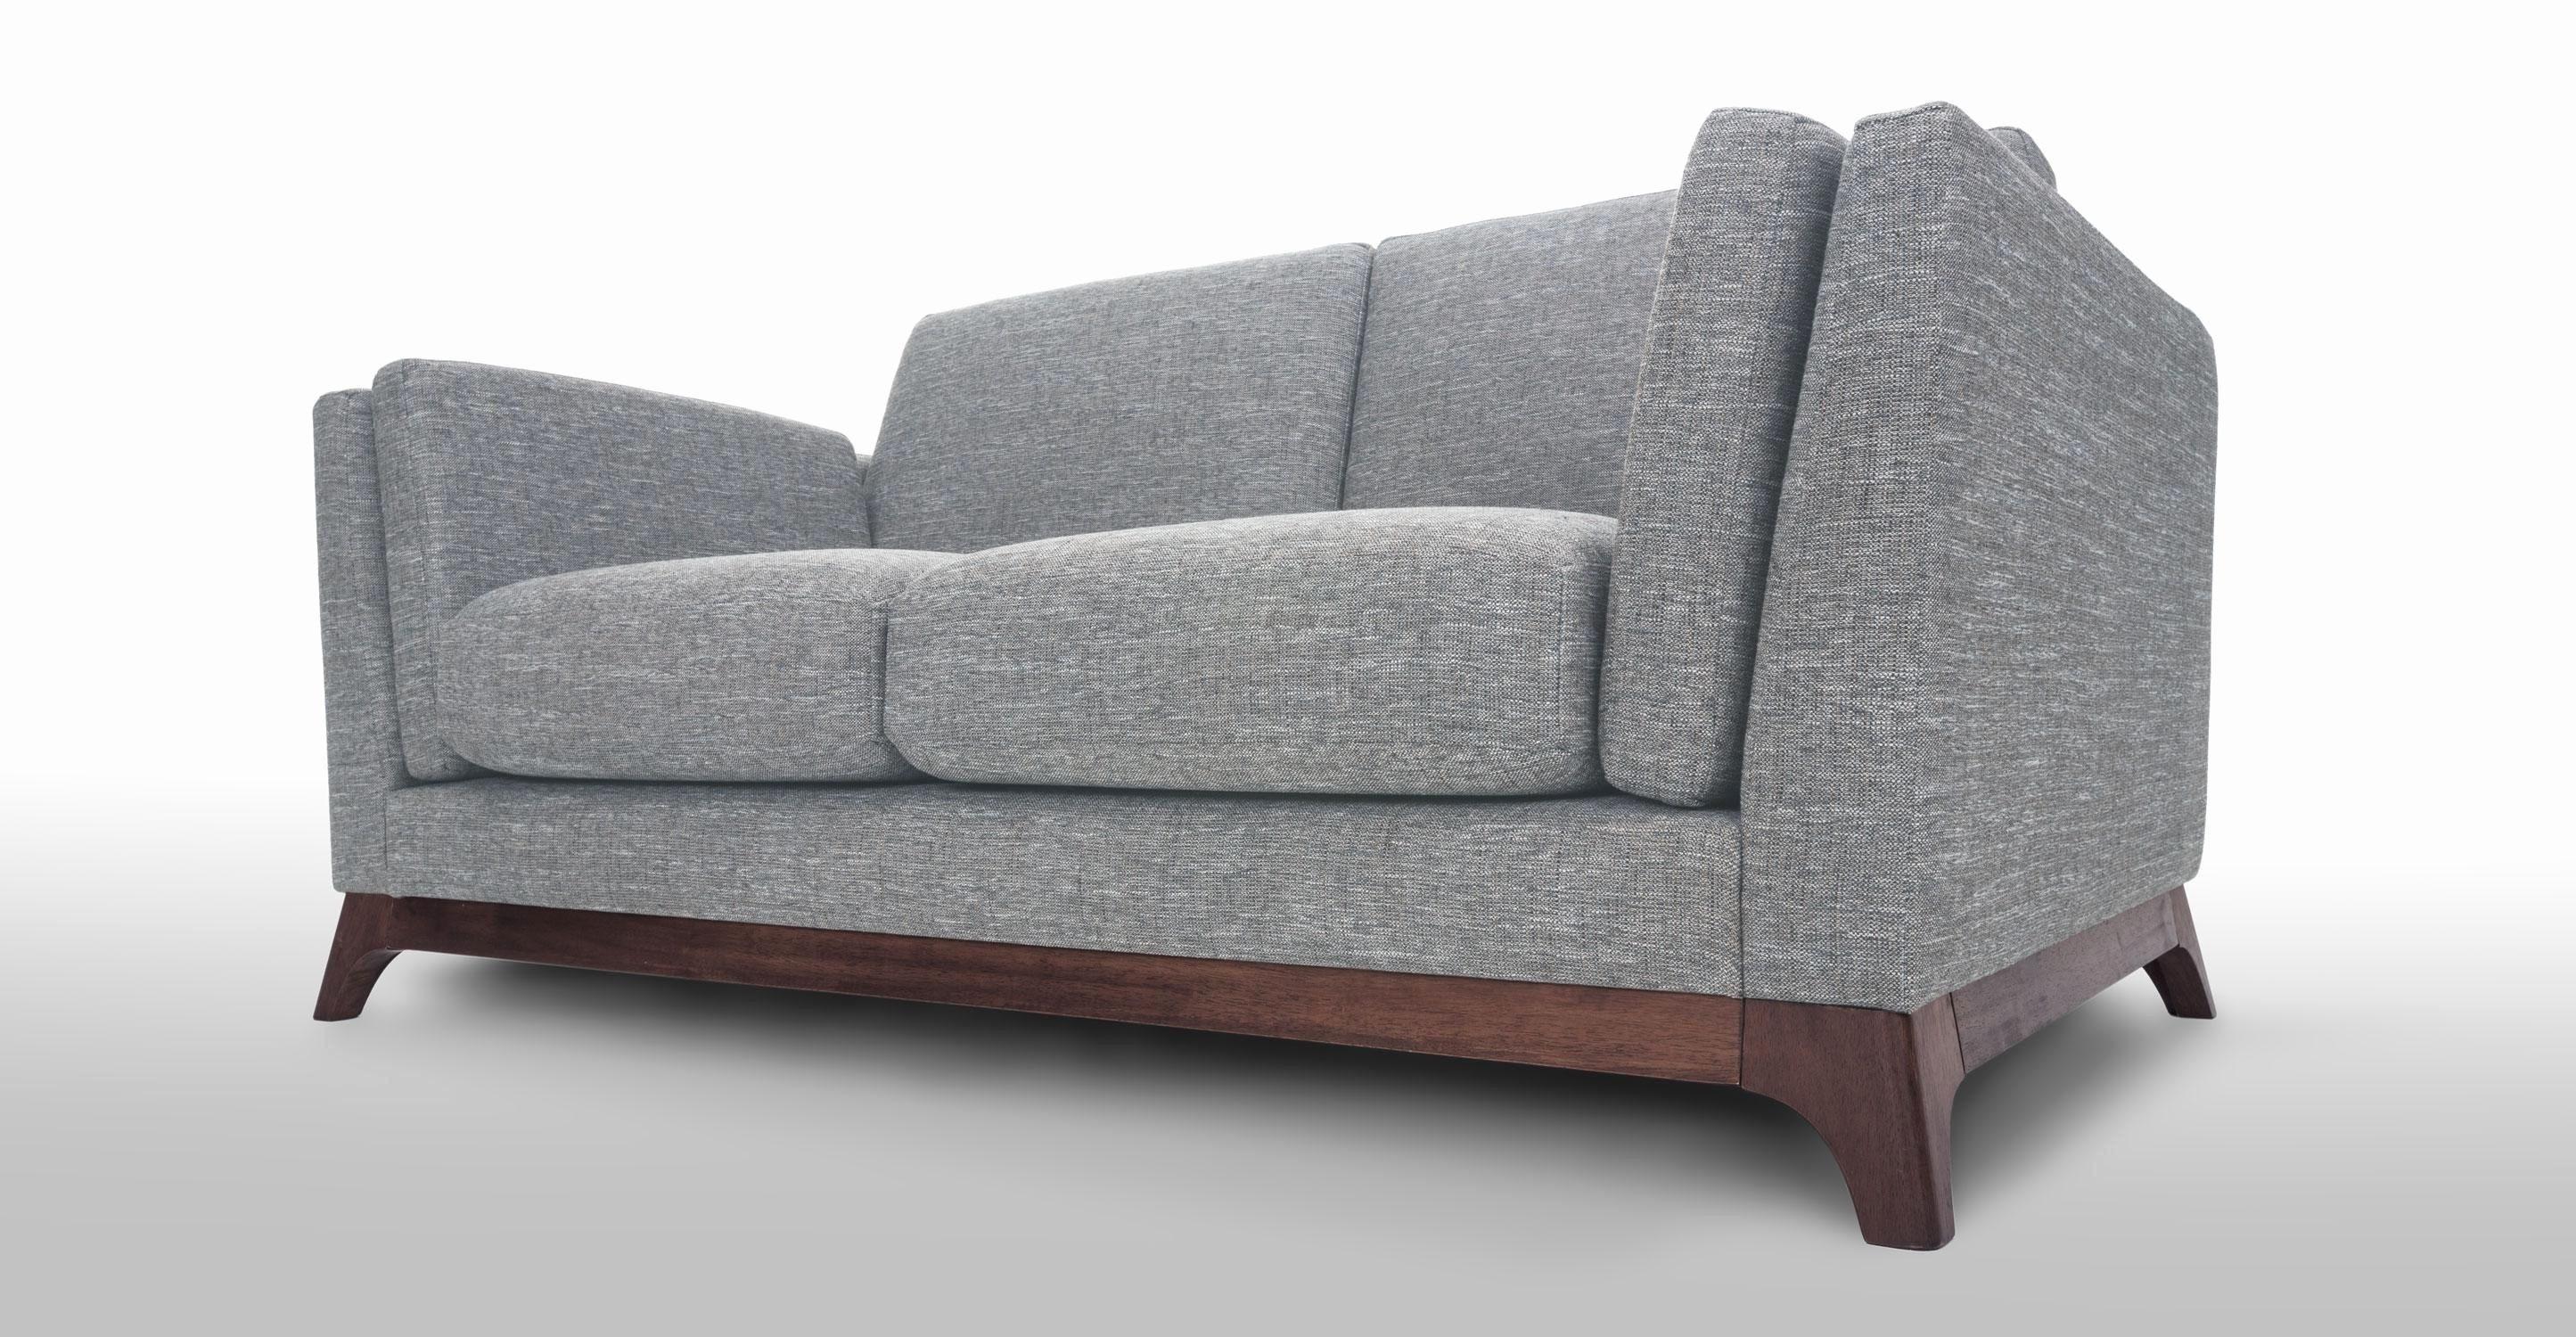 Zweisitzer Sofa Ikea  Zweisitzer Sofa Ikea Stylish Frisch Schlafcouch